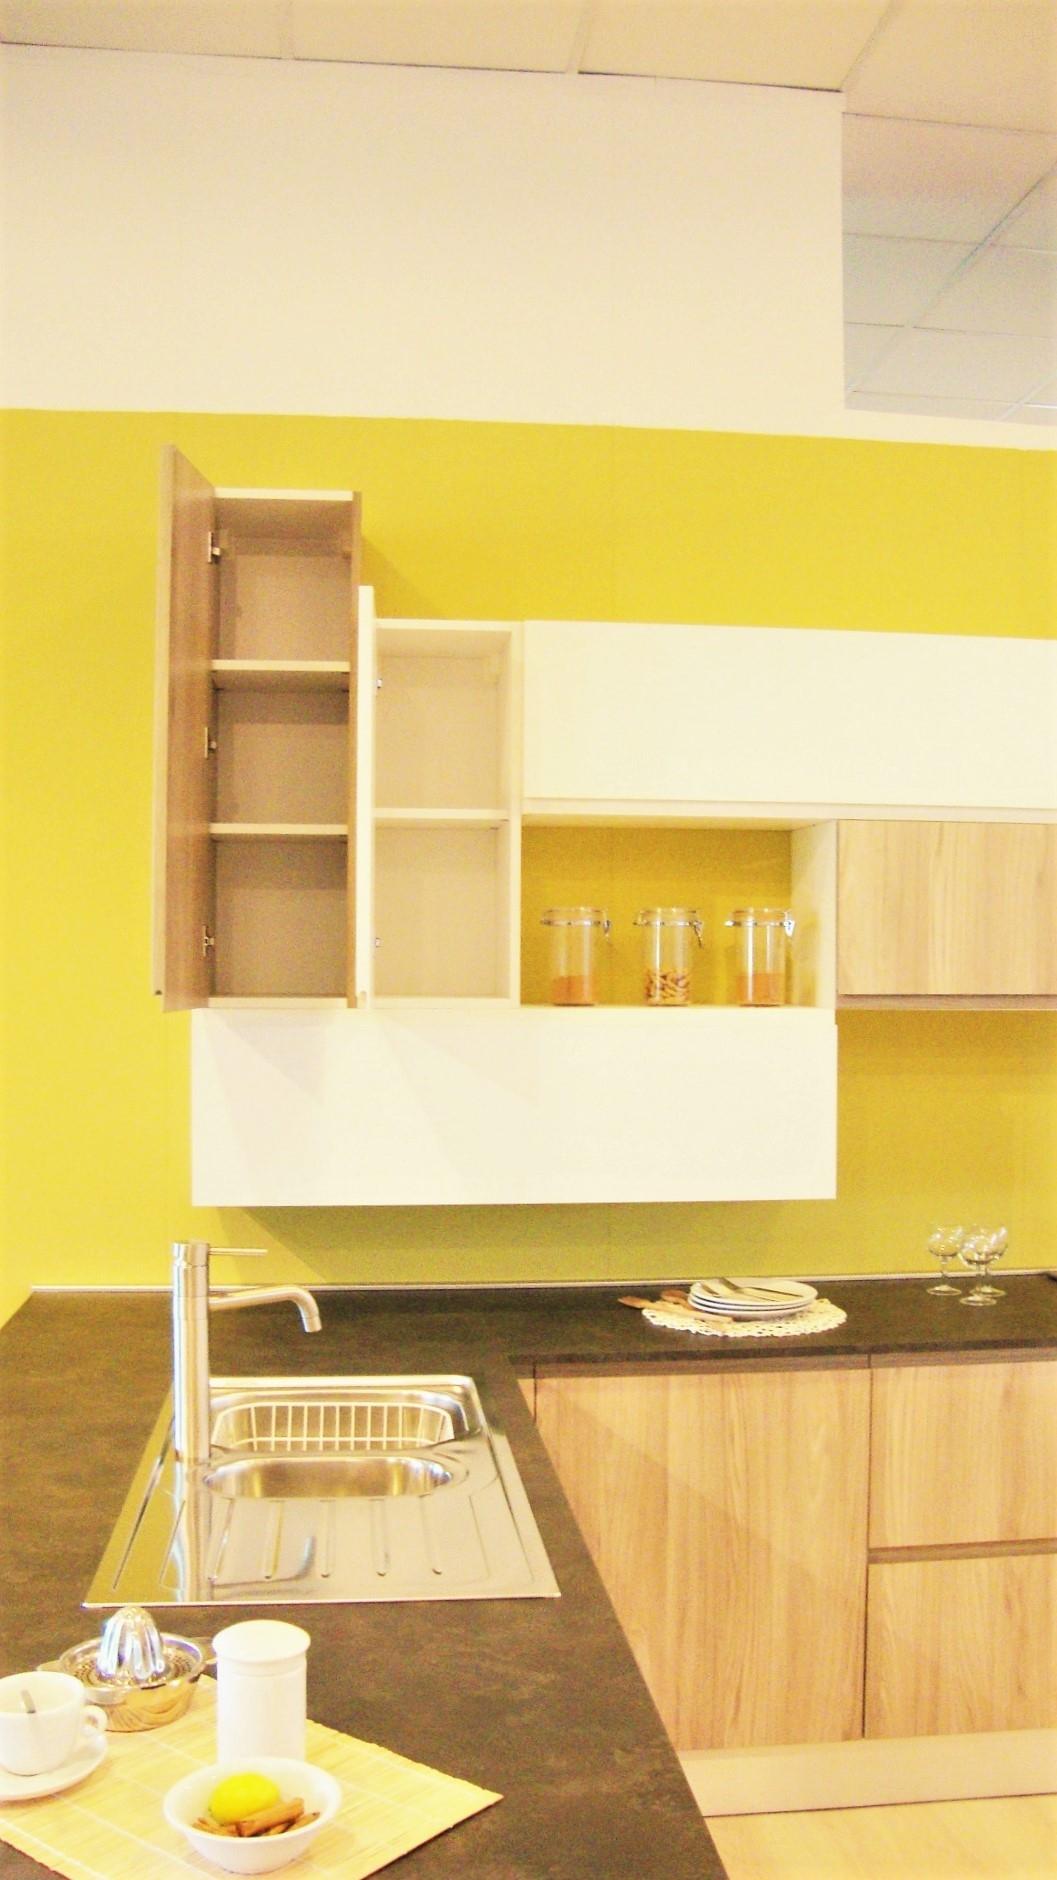 Emejing Outlet Del Bagno Rubiera Images - Home Design Inspiration ...